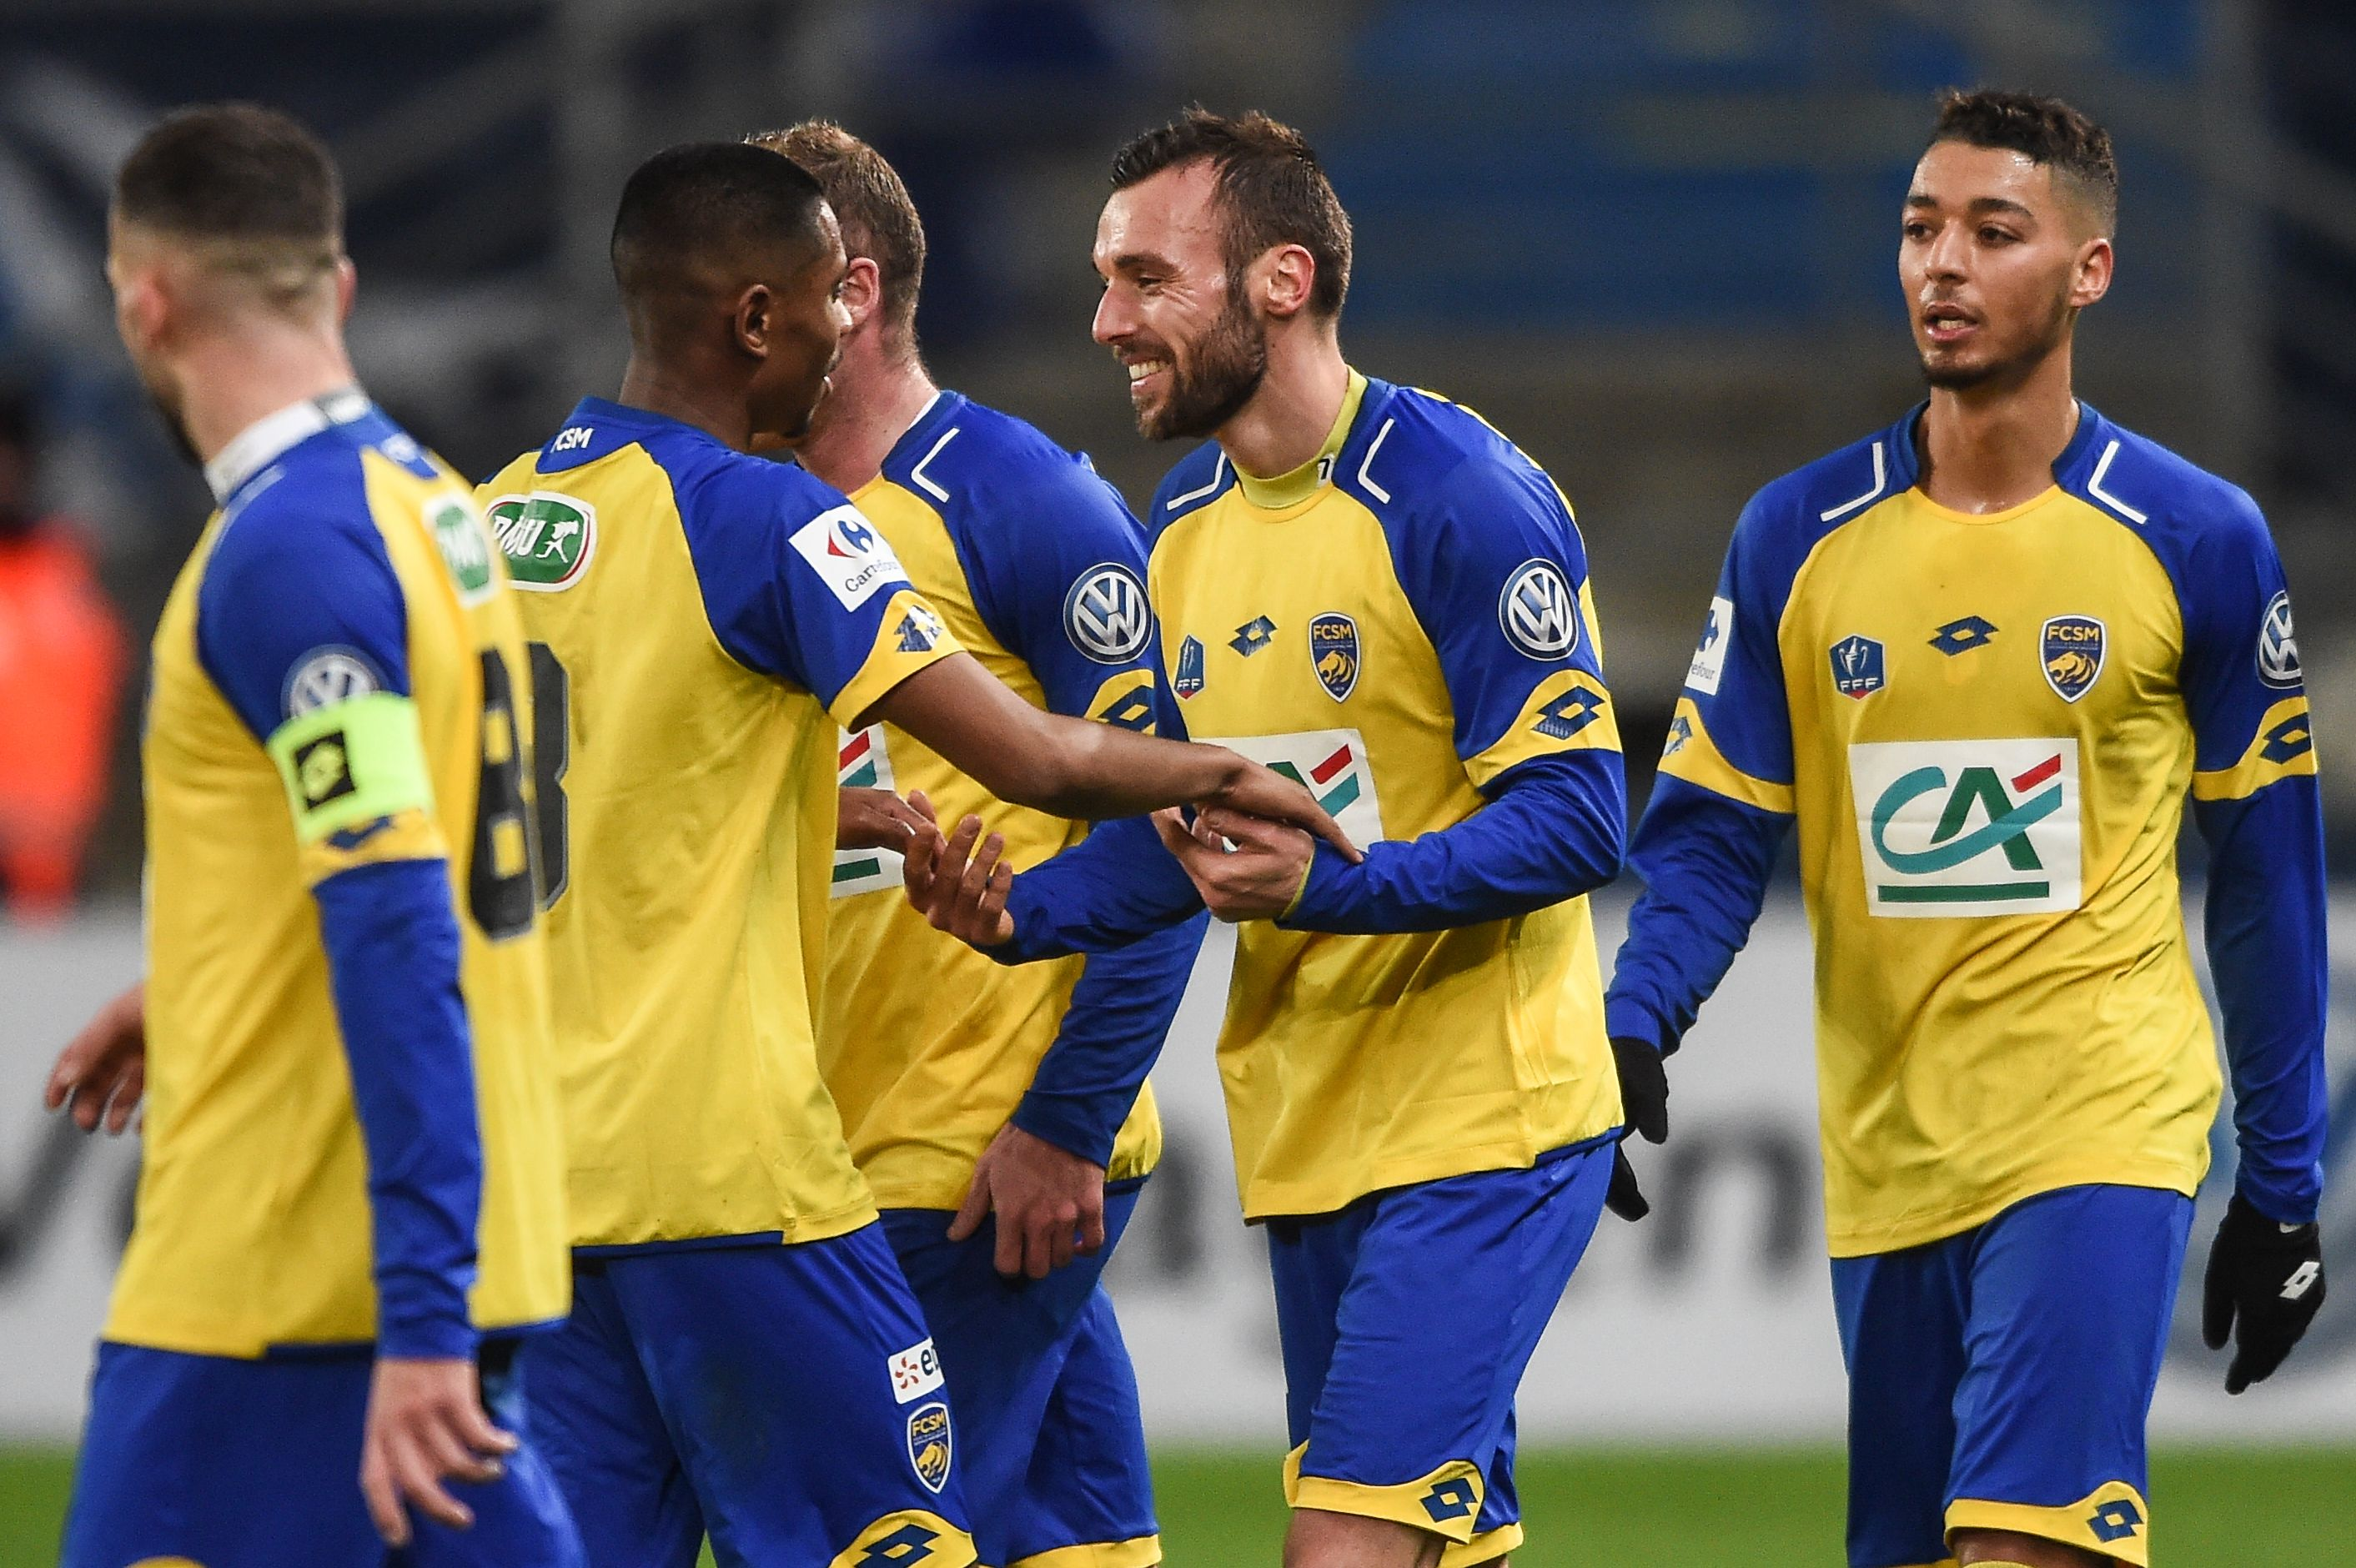 Coupe de france sochaux humilie amiens coupe de france - Finale de la coupe de france de football ...